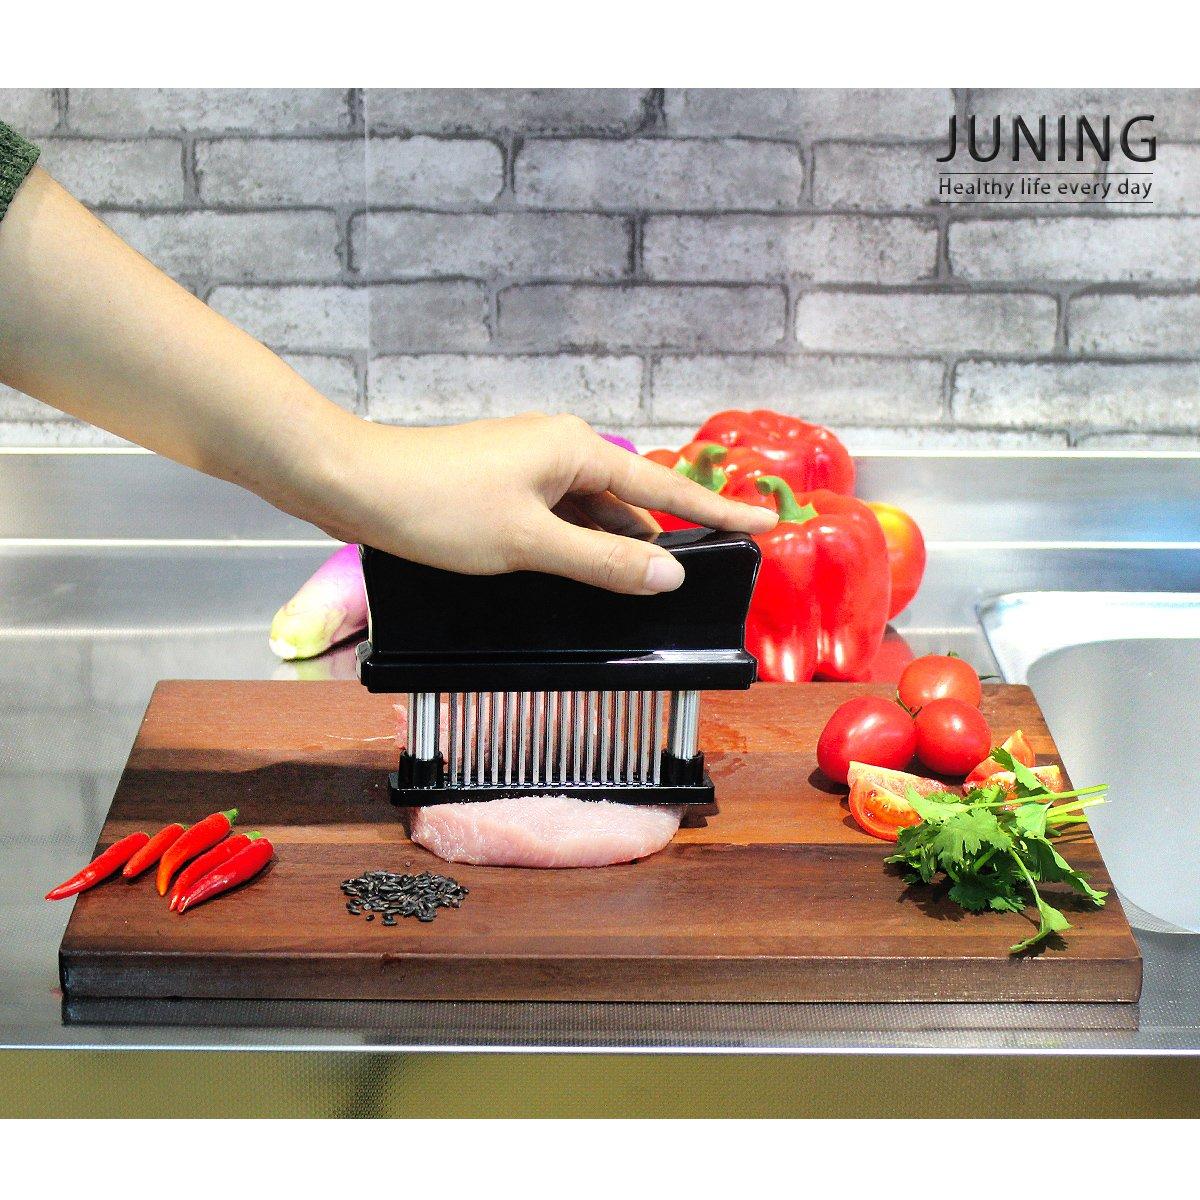 bistecche inteneritrice per carne per carne marinata grigliata in acciaio inossidabile Taglianervi Oliying 48/lame adatto per la cucina